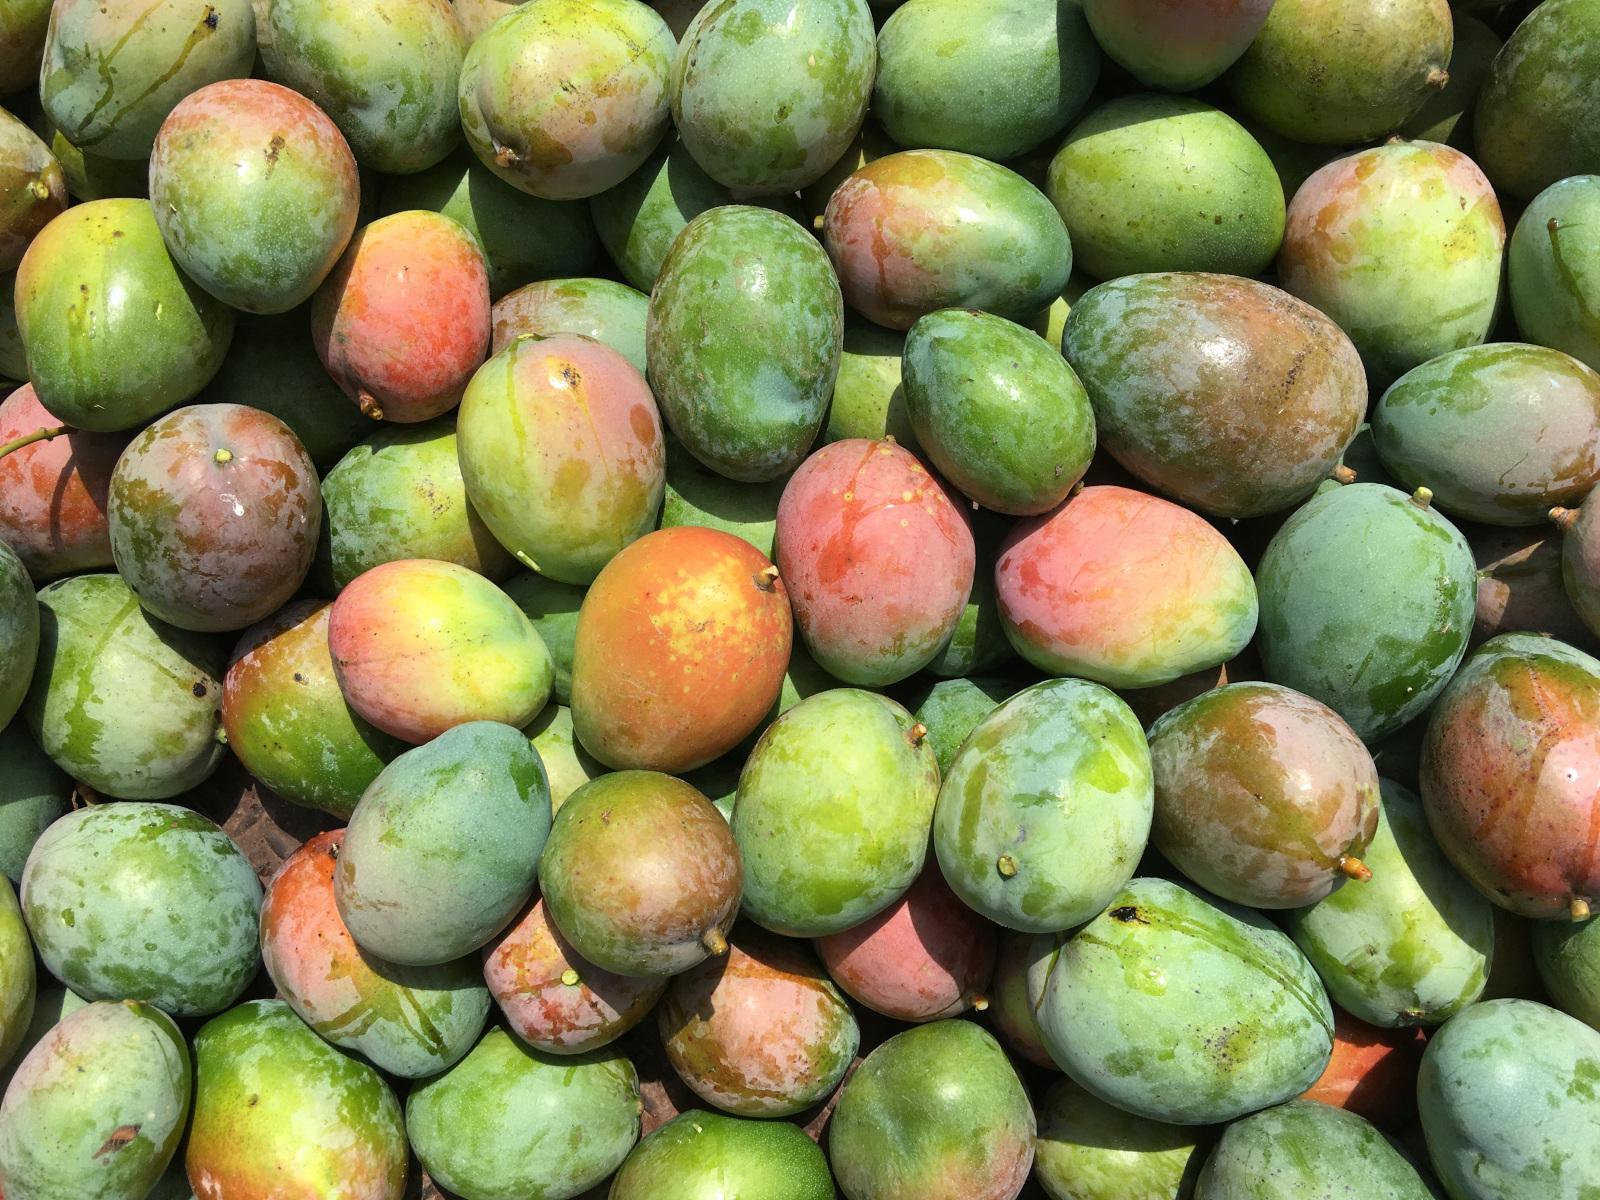 Die geernteten Mangos werden zum Großteil auf dem Markt verkauft